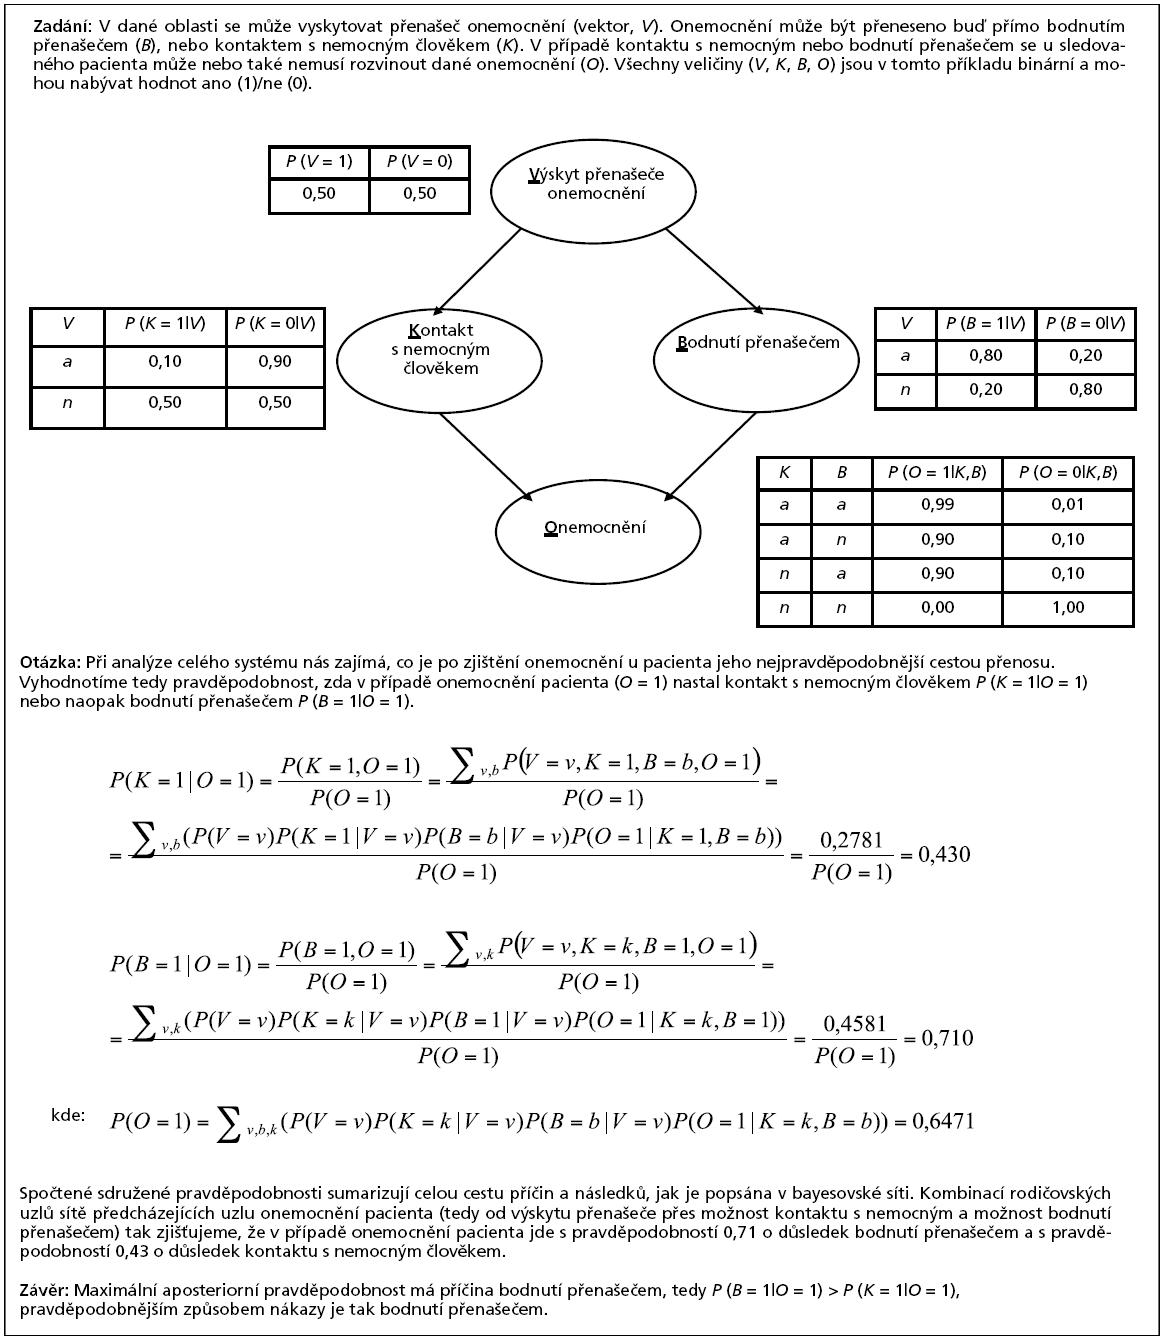 Příklad 2. Aplikace bayesovské sítě pro statistické usuzování (inferenci) při diagnostice příčiny onemocnění.